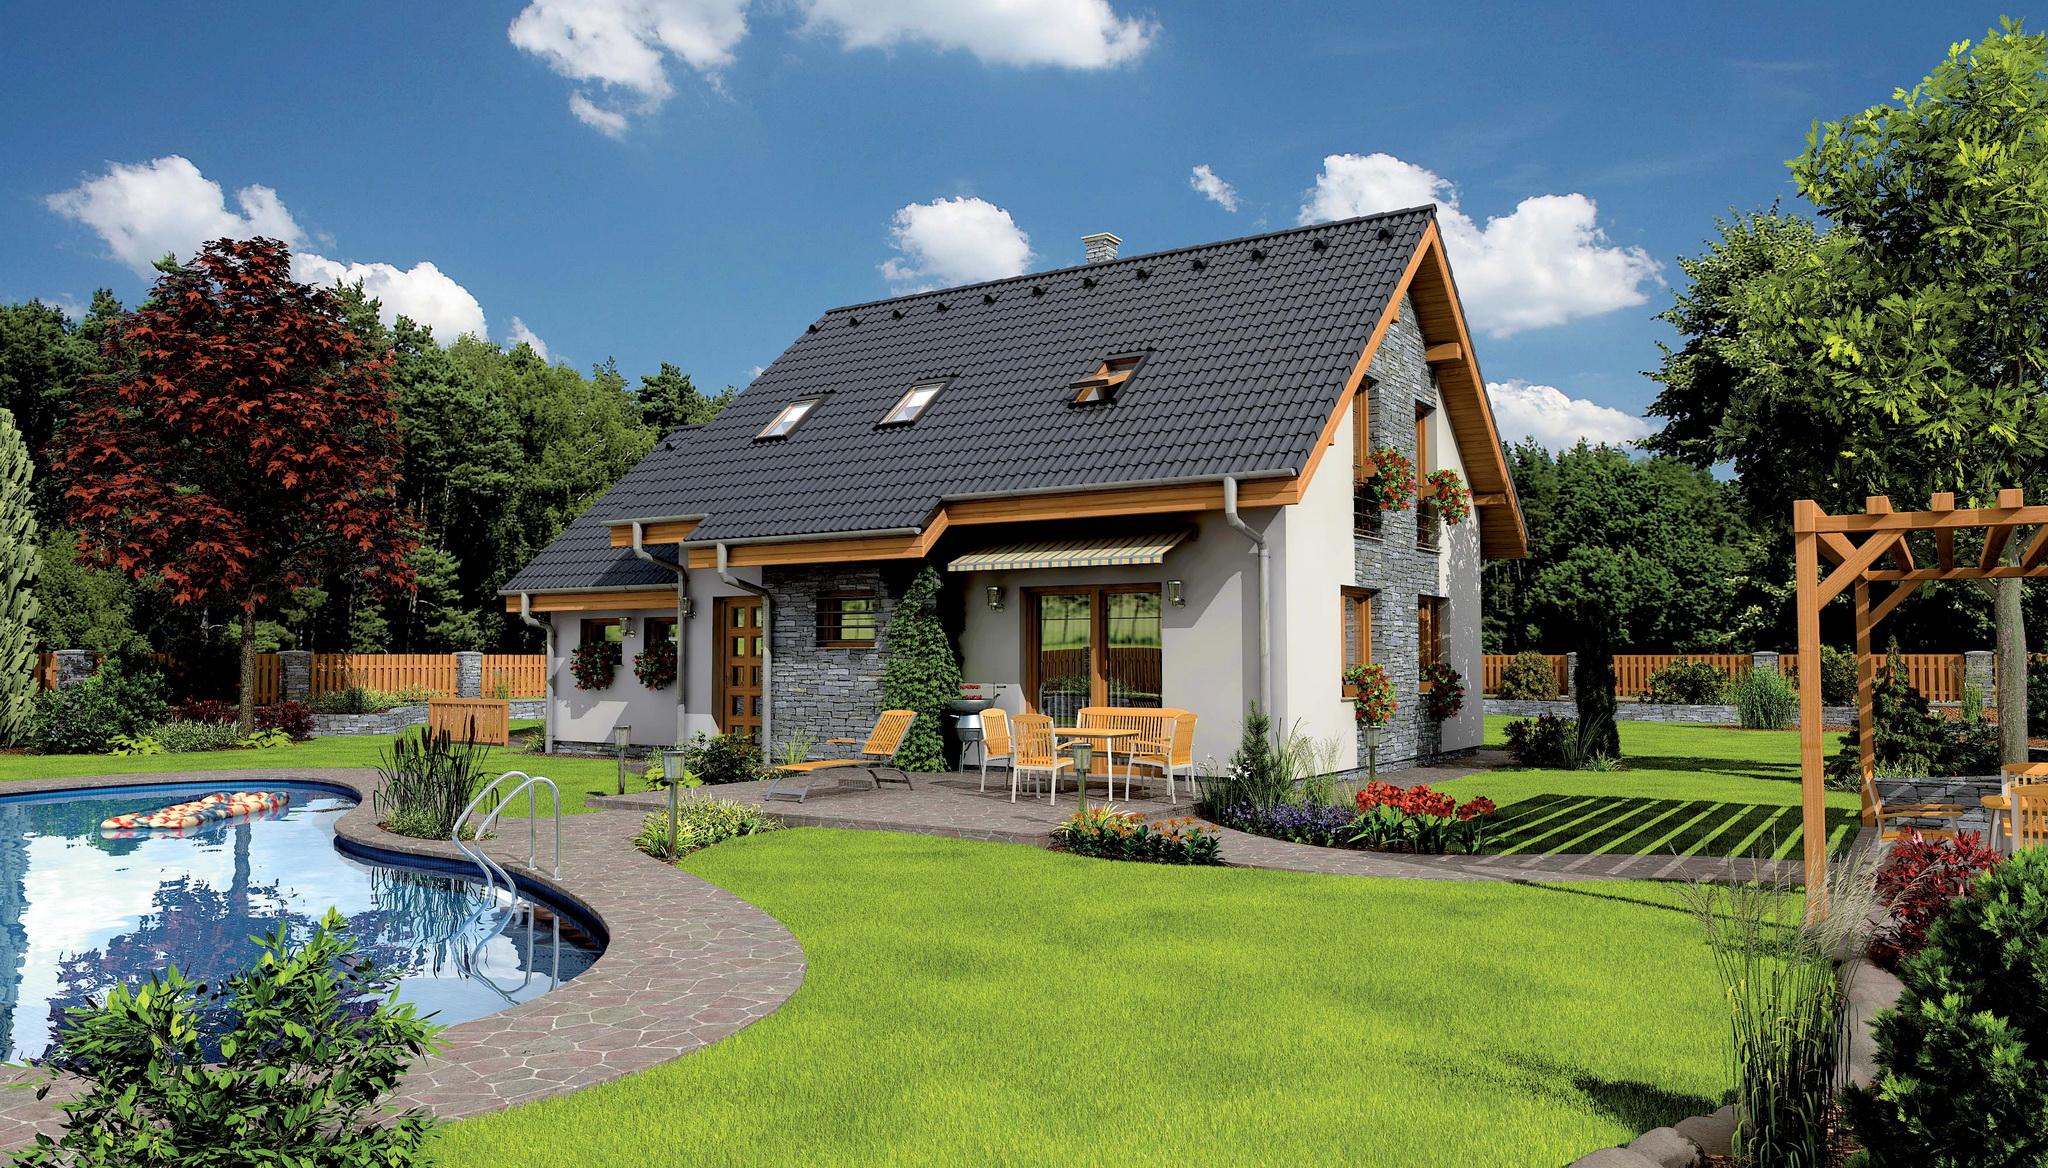 картинки домов с землей следует упомянуть другом